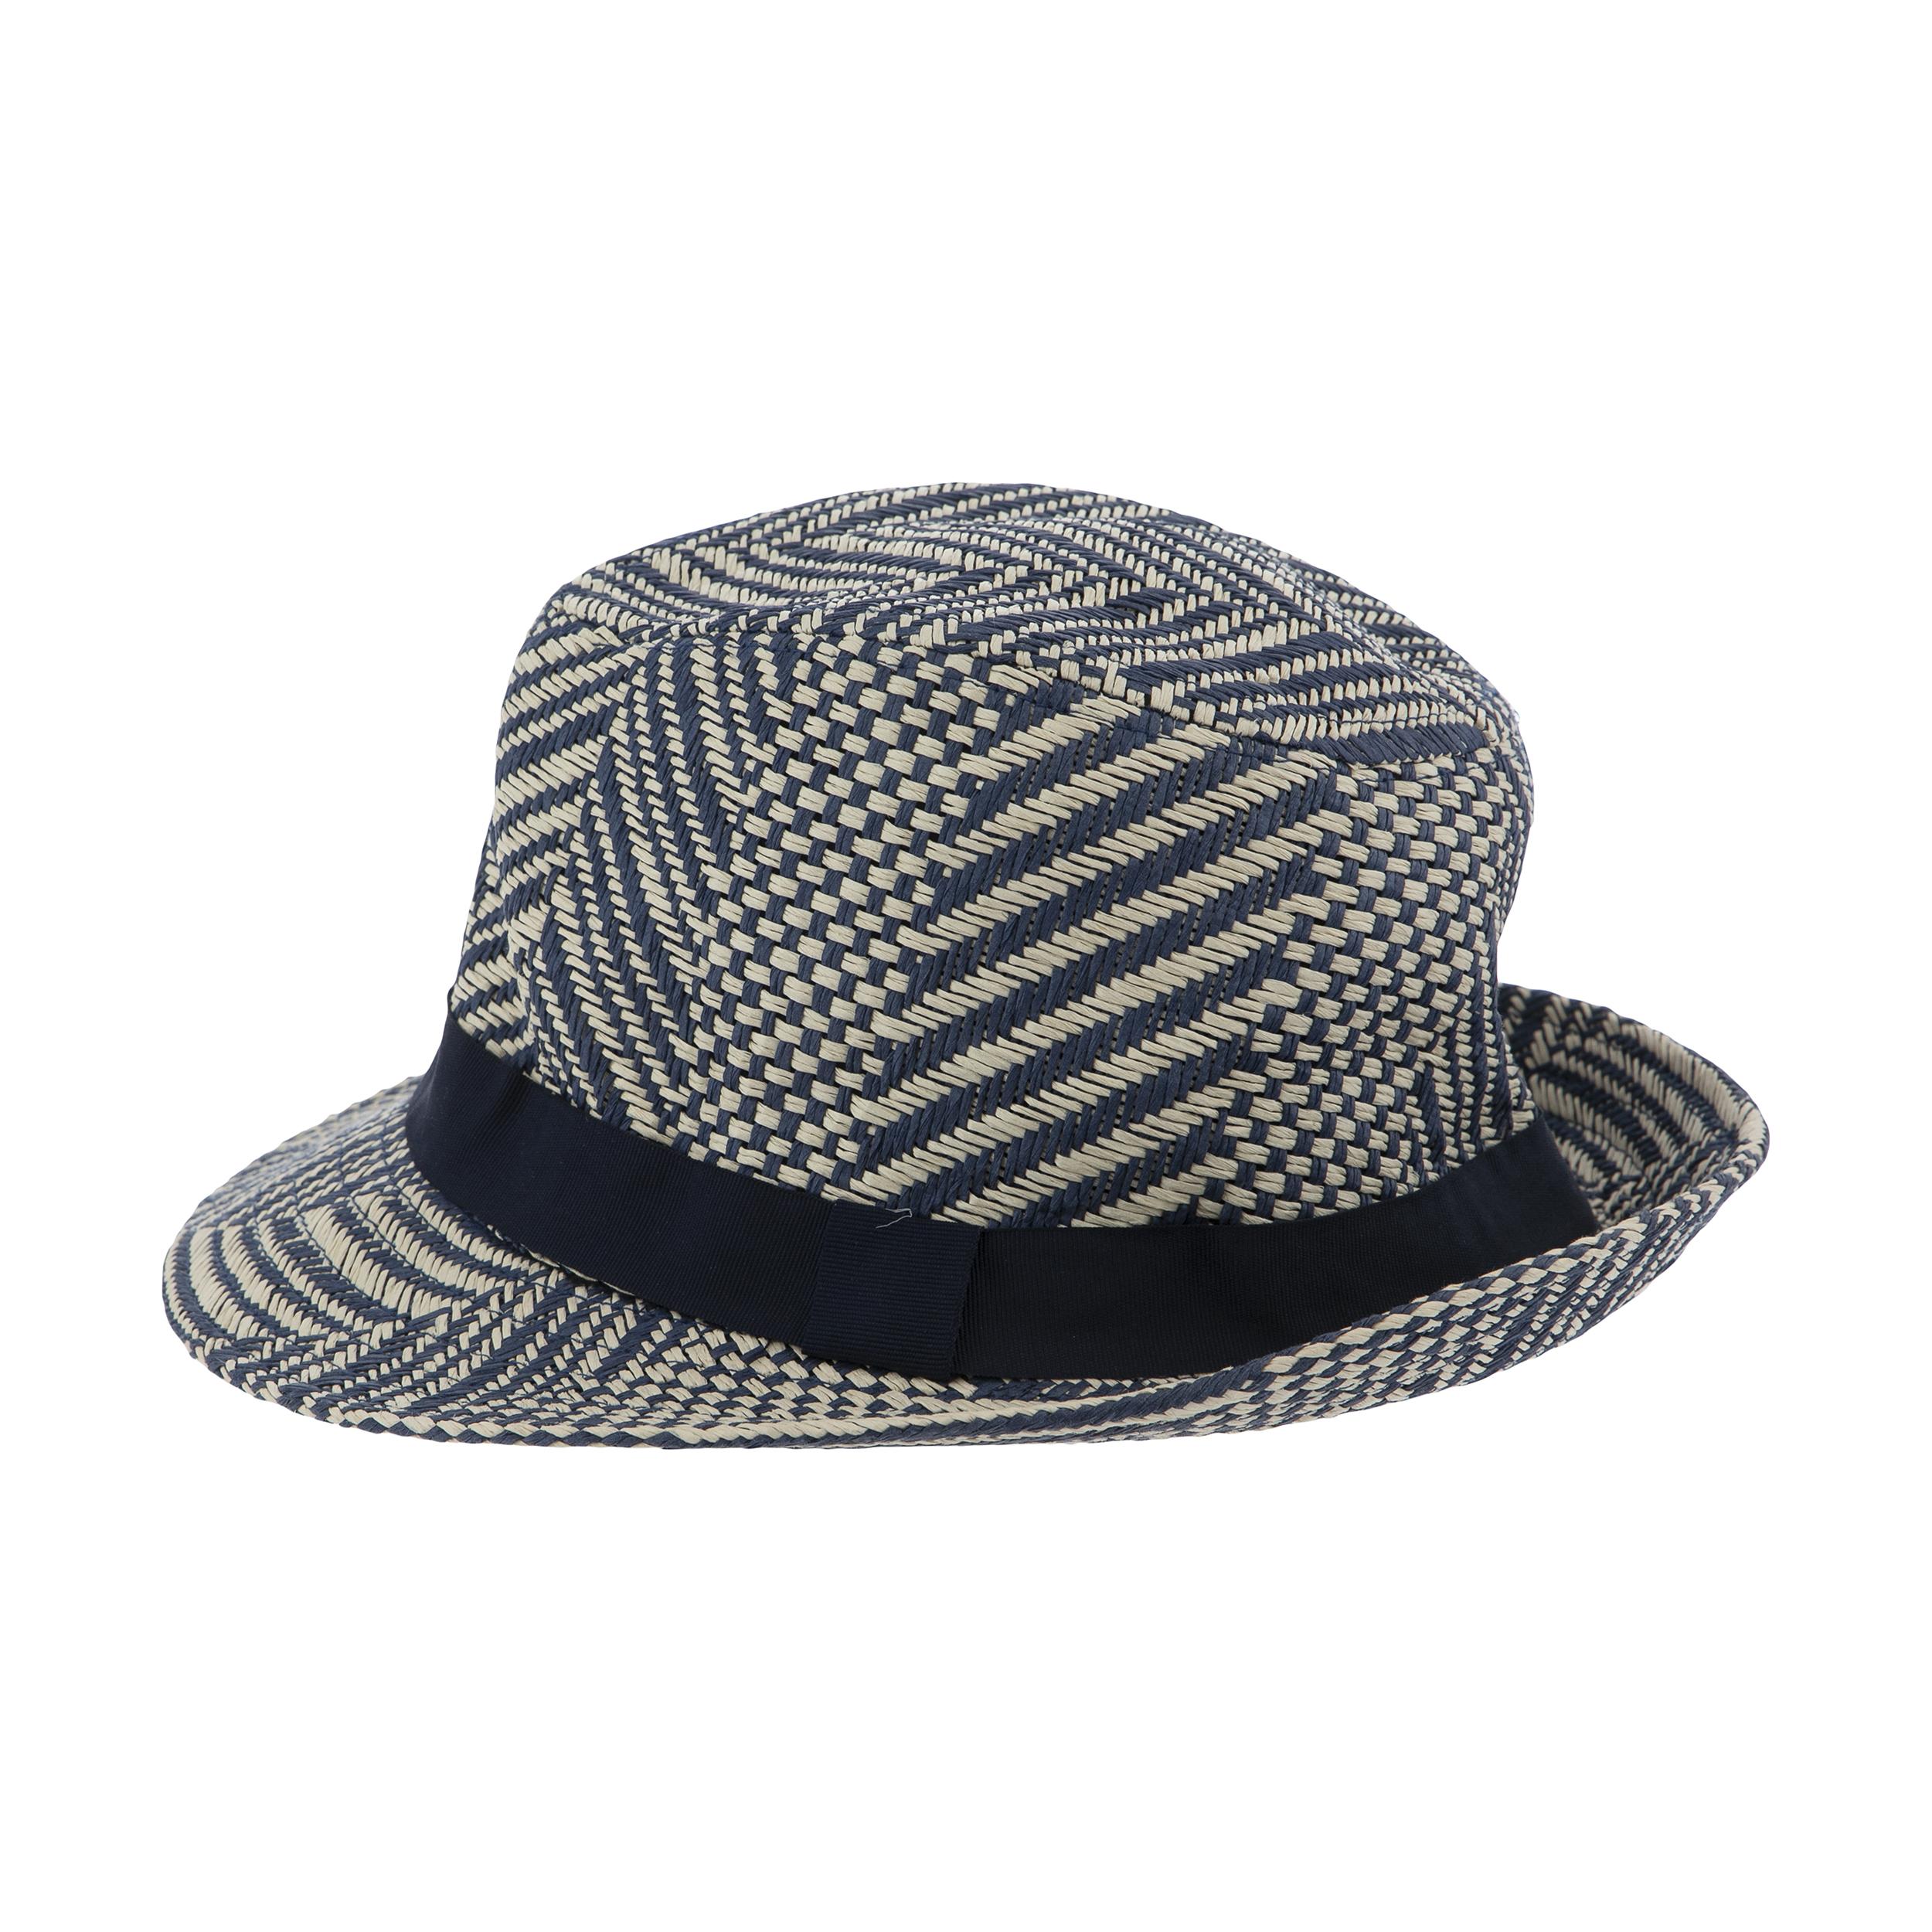 کلاه مردانه ال سی وایکیکی مدل 8S7167Z8 674